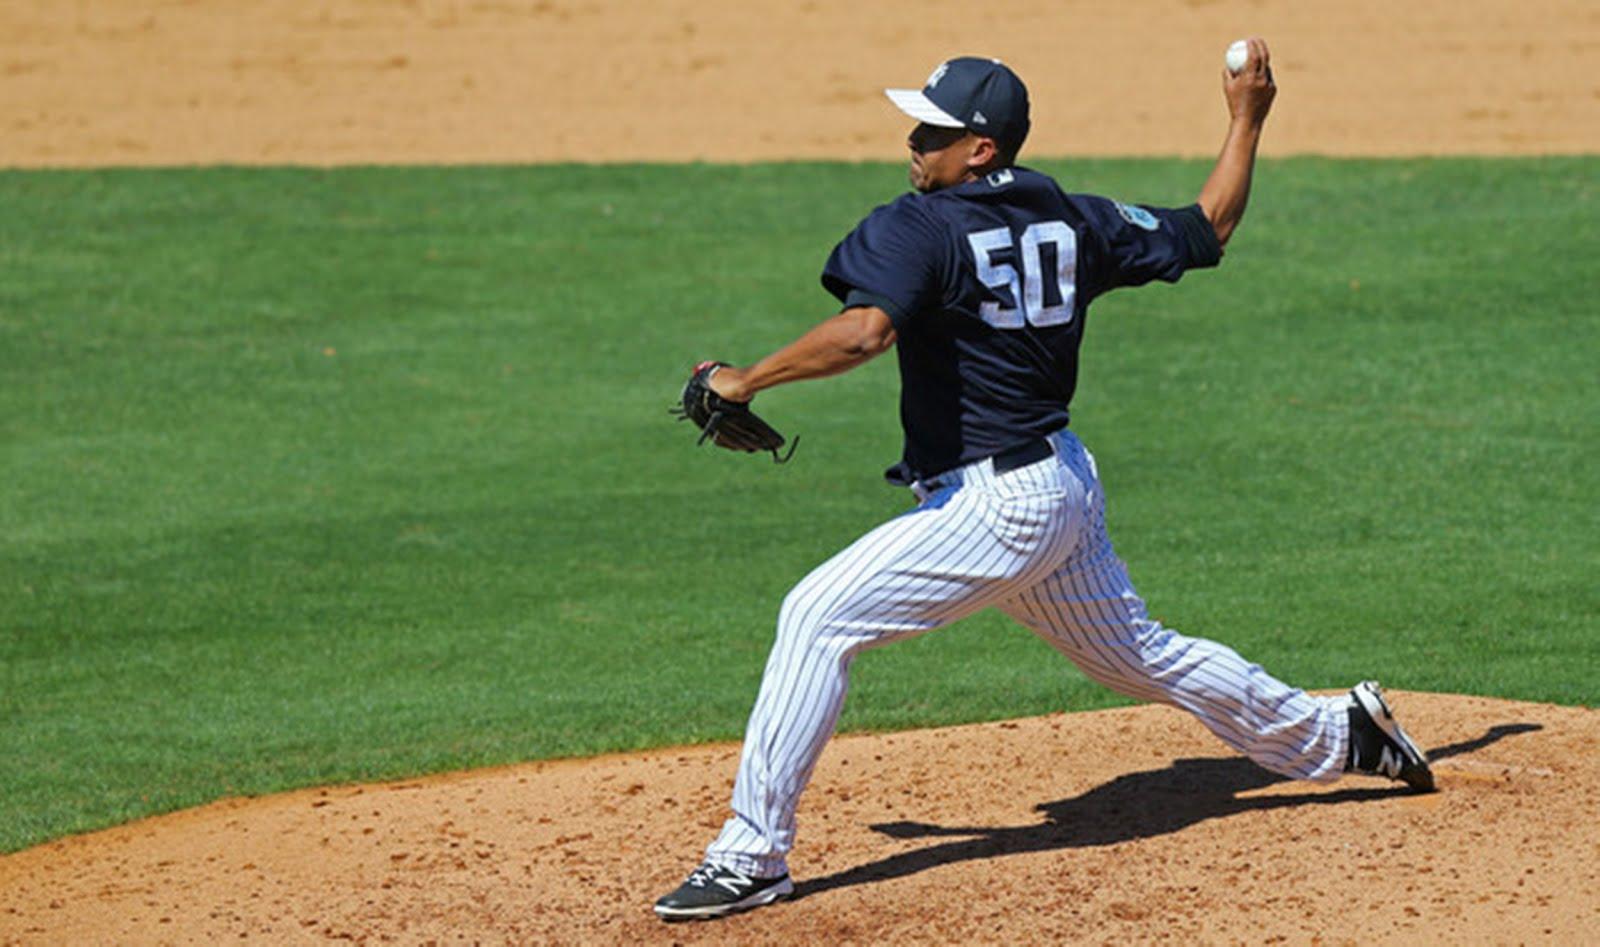 Frieri tuvo efectividad de 3,00 con la triple A de Yankees. Foto: Presswire.